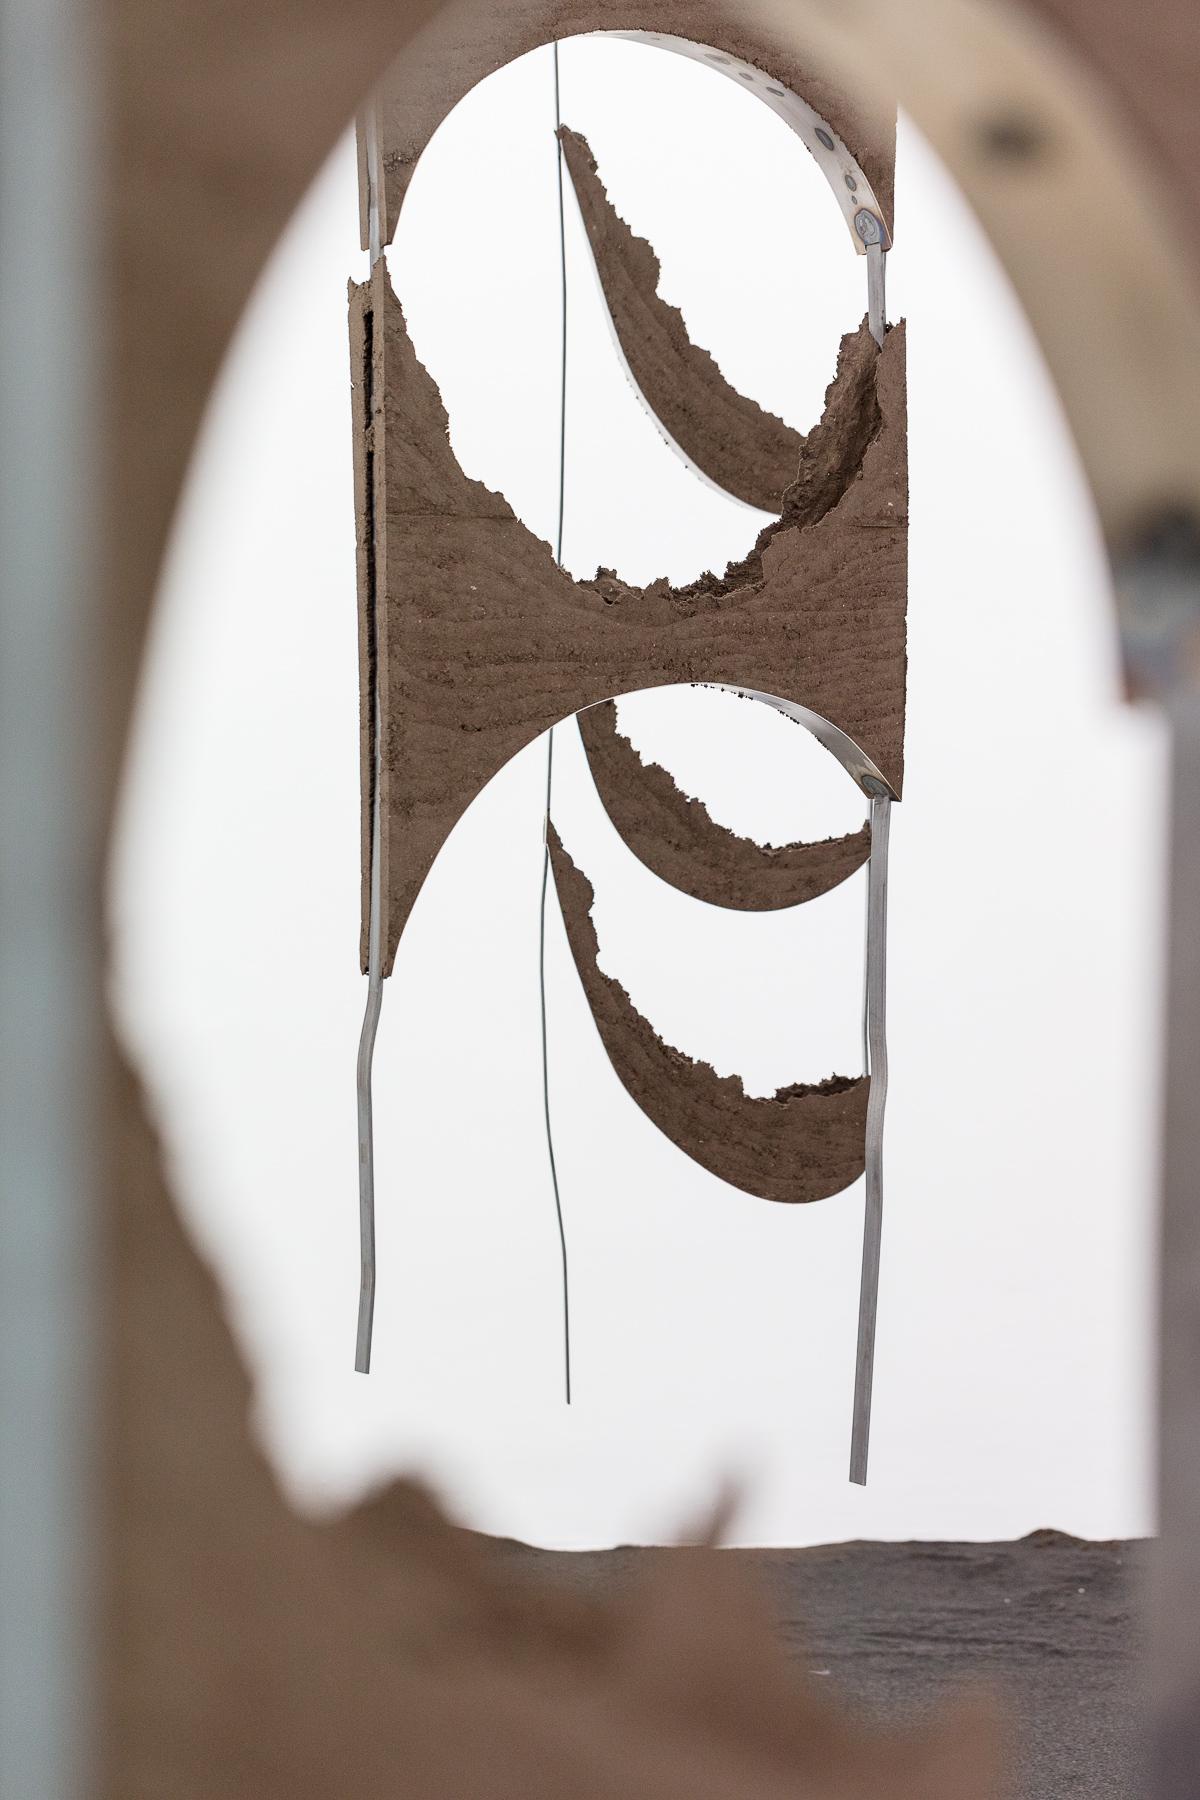 Angelika Loderer at Sophie Tappeiner Gallery_by Kunst-Dokumentation.com_022_web.jpg